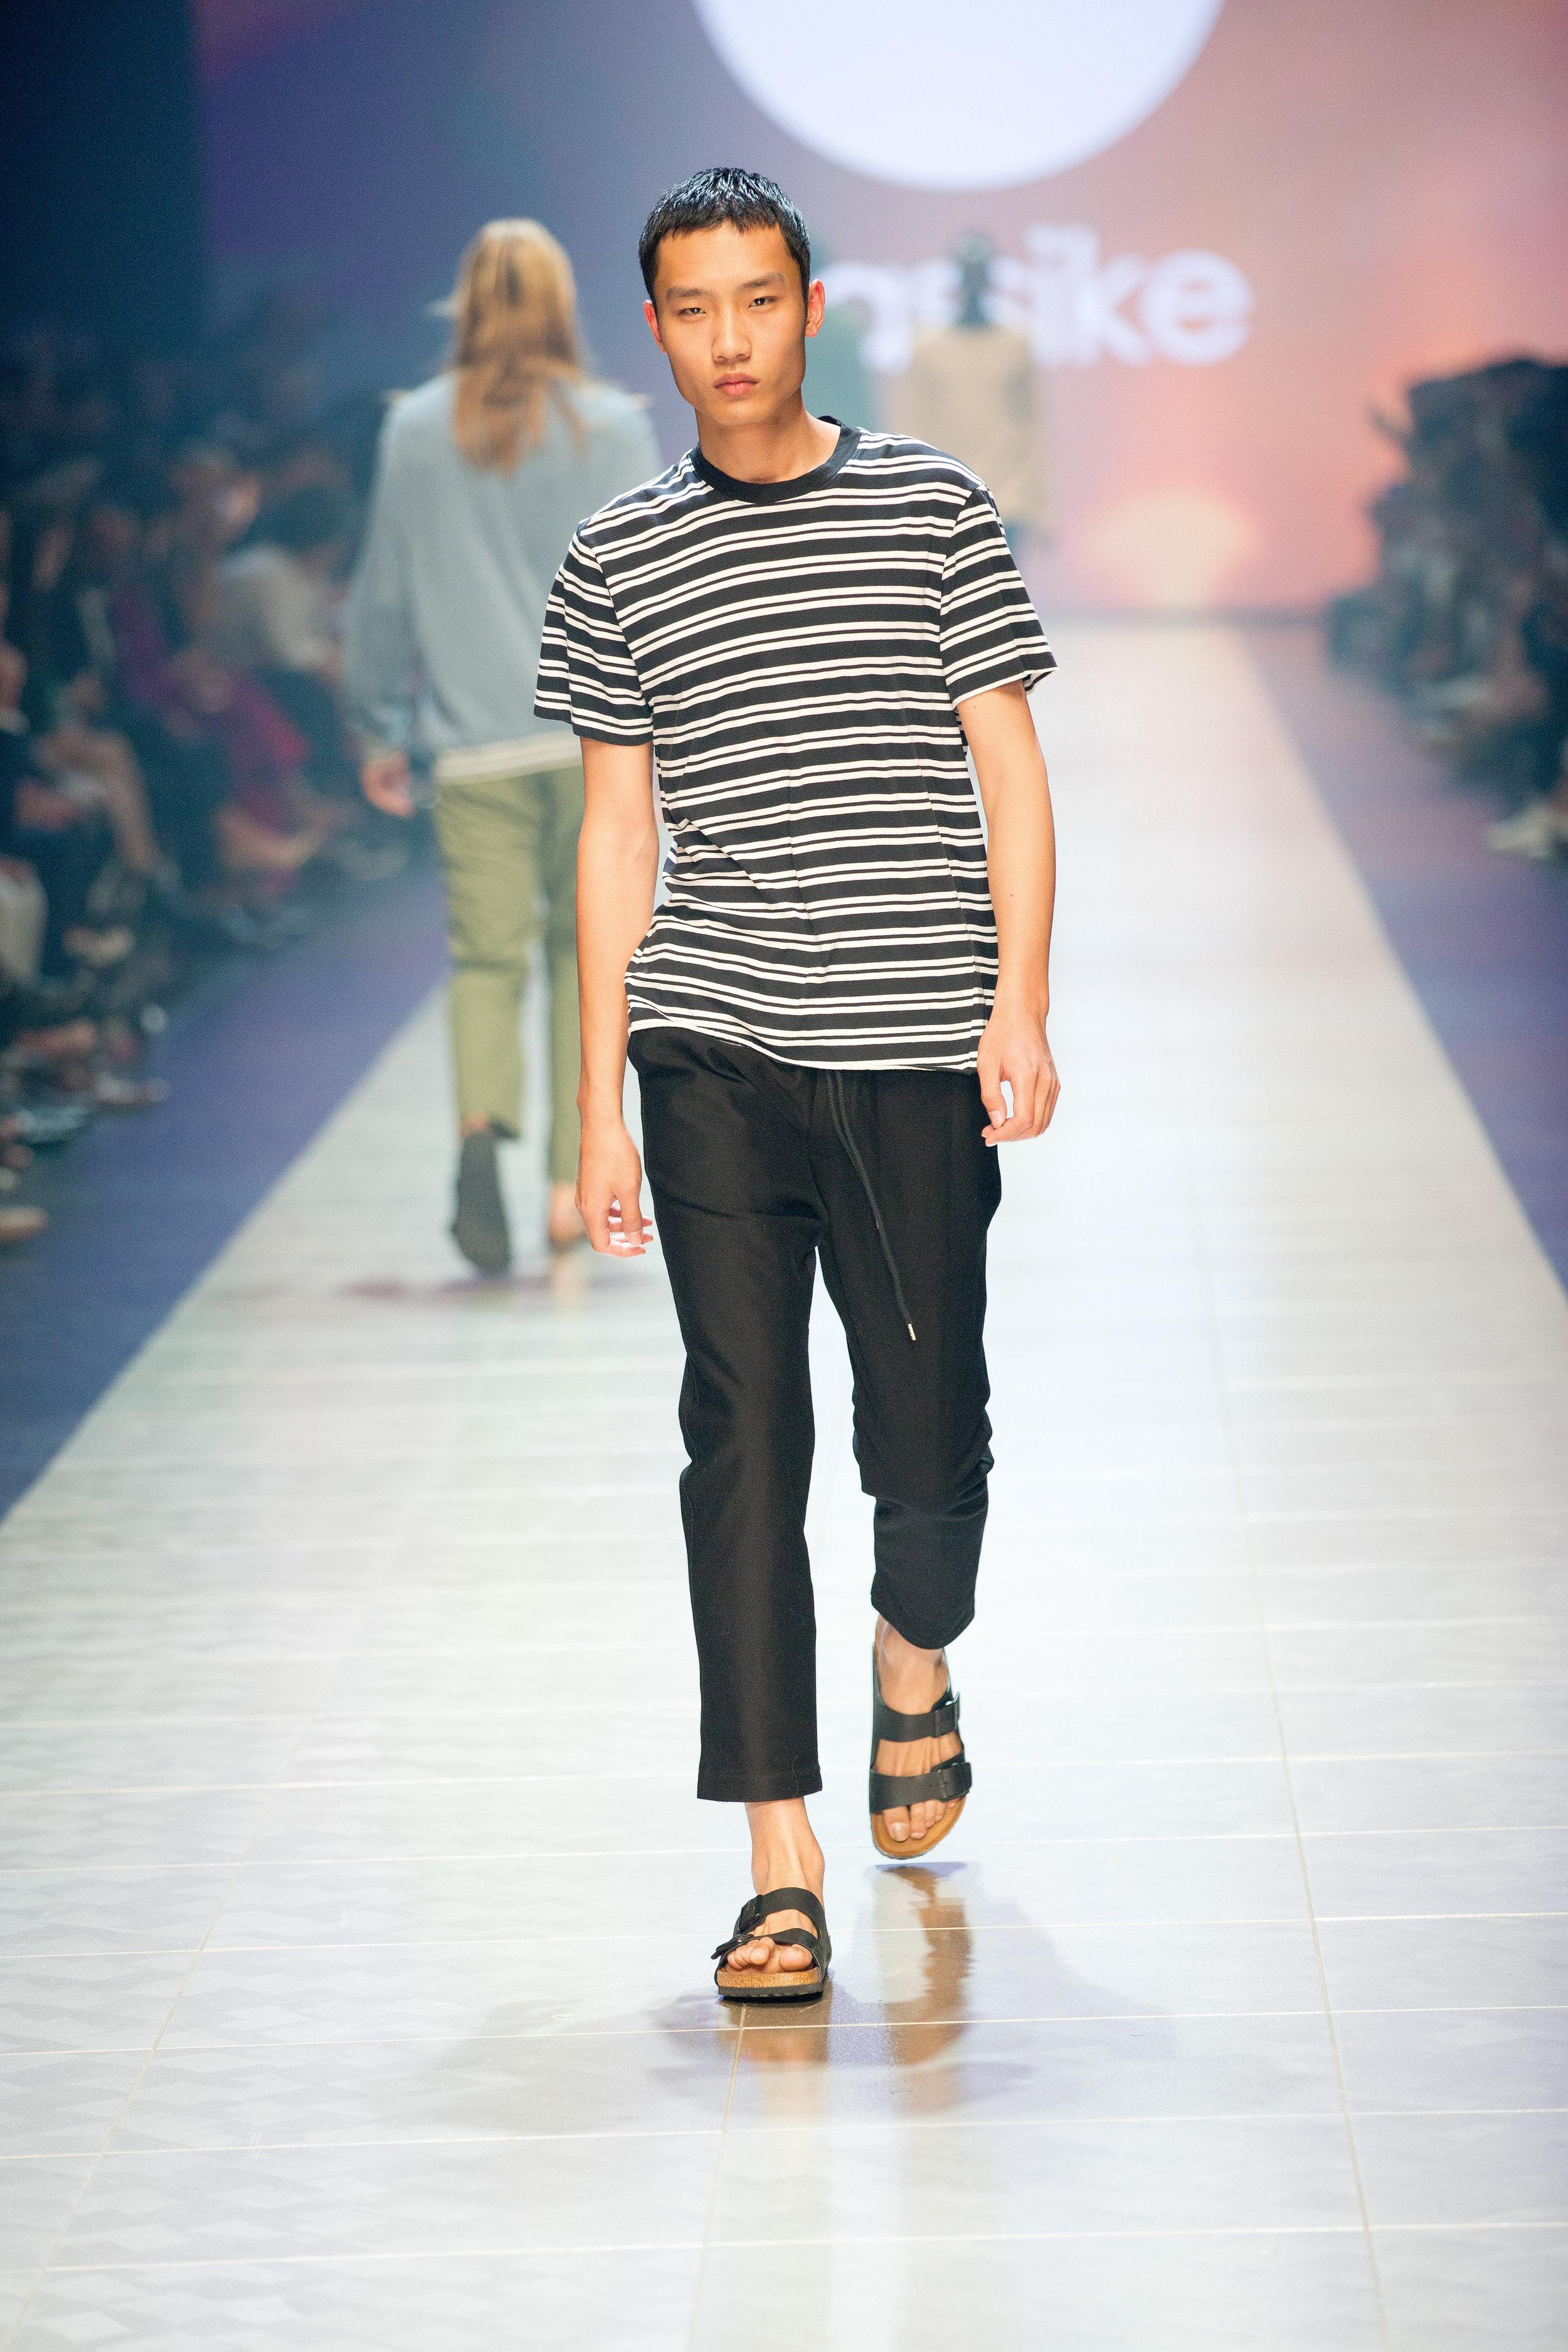 VAMFF2019_GQ Menswear-242.jpg